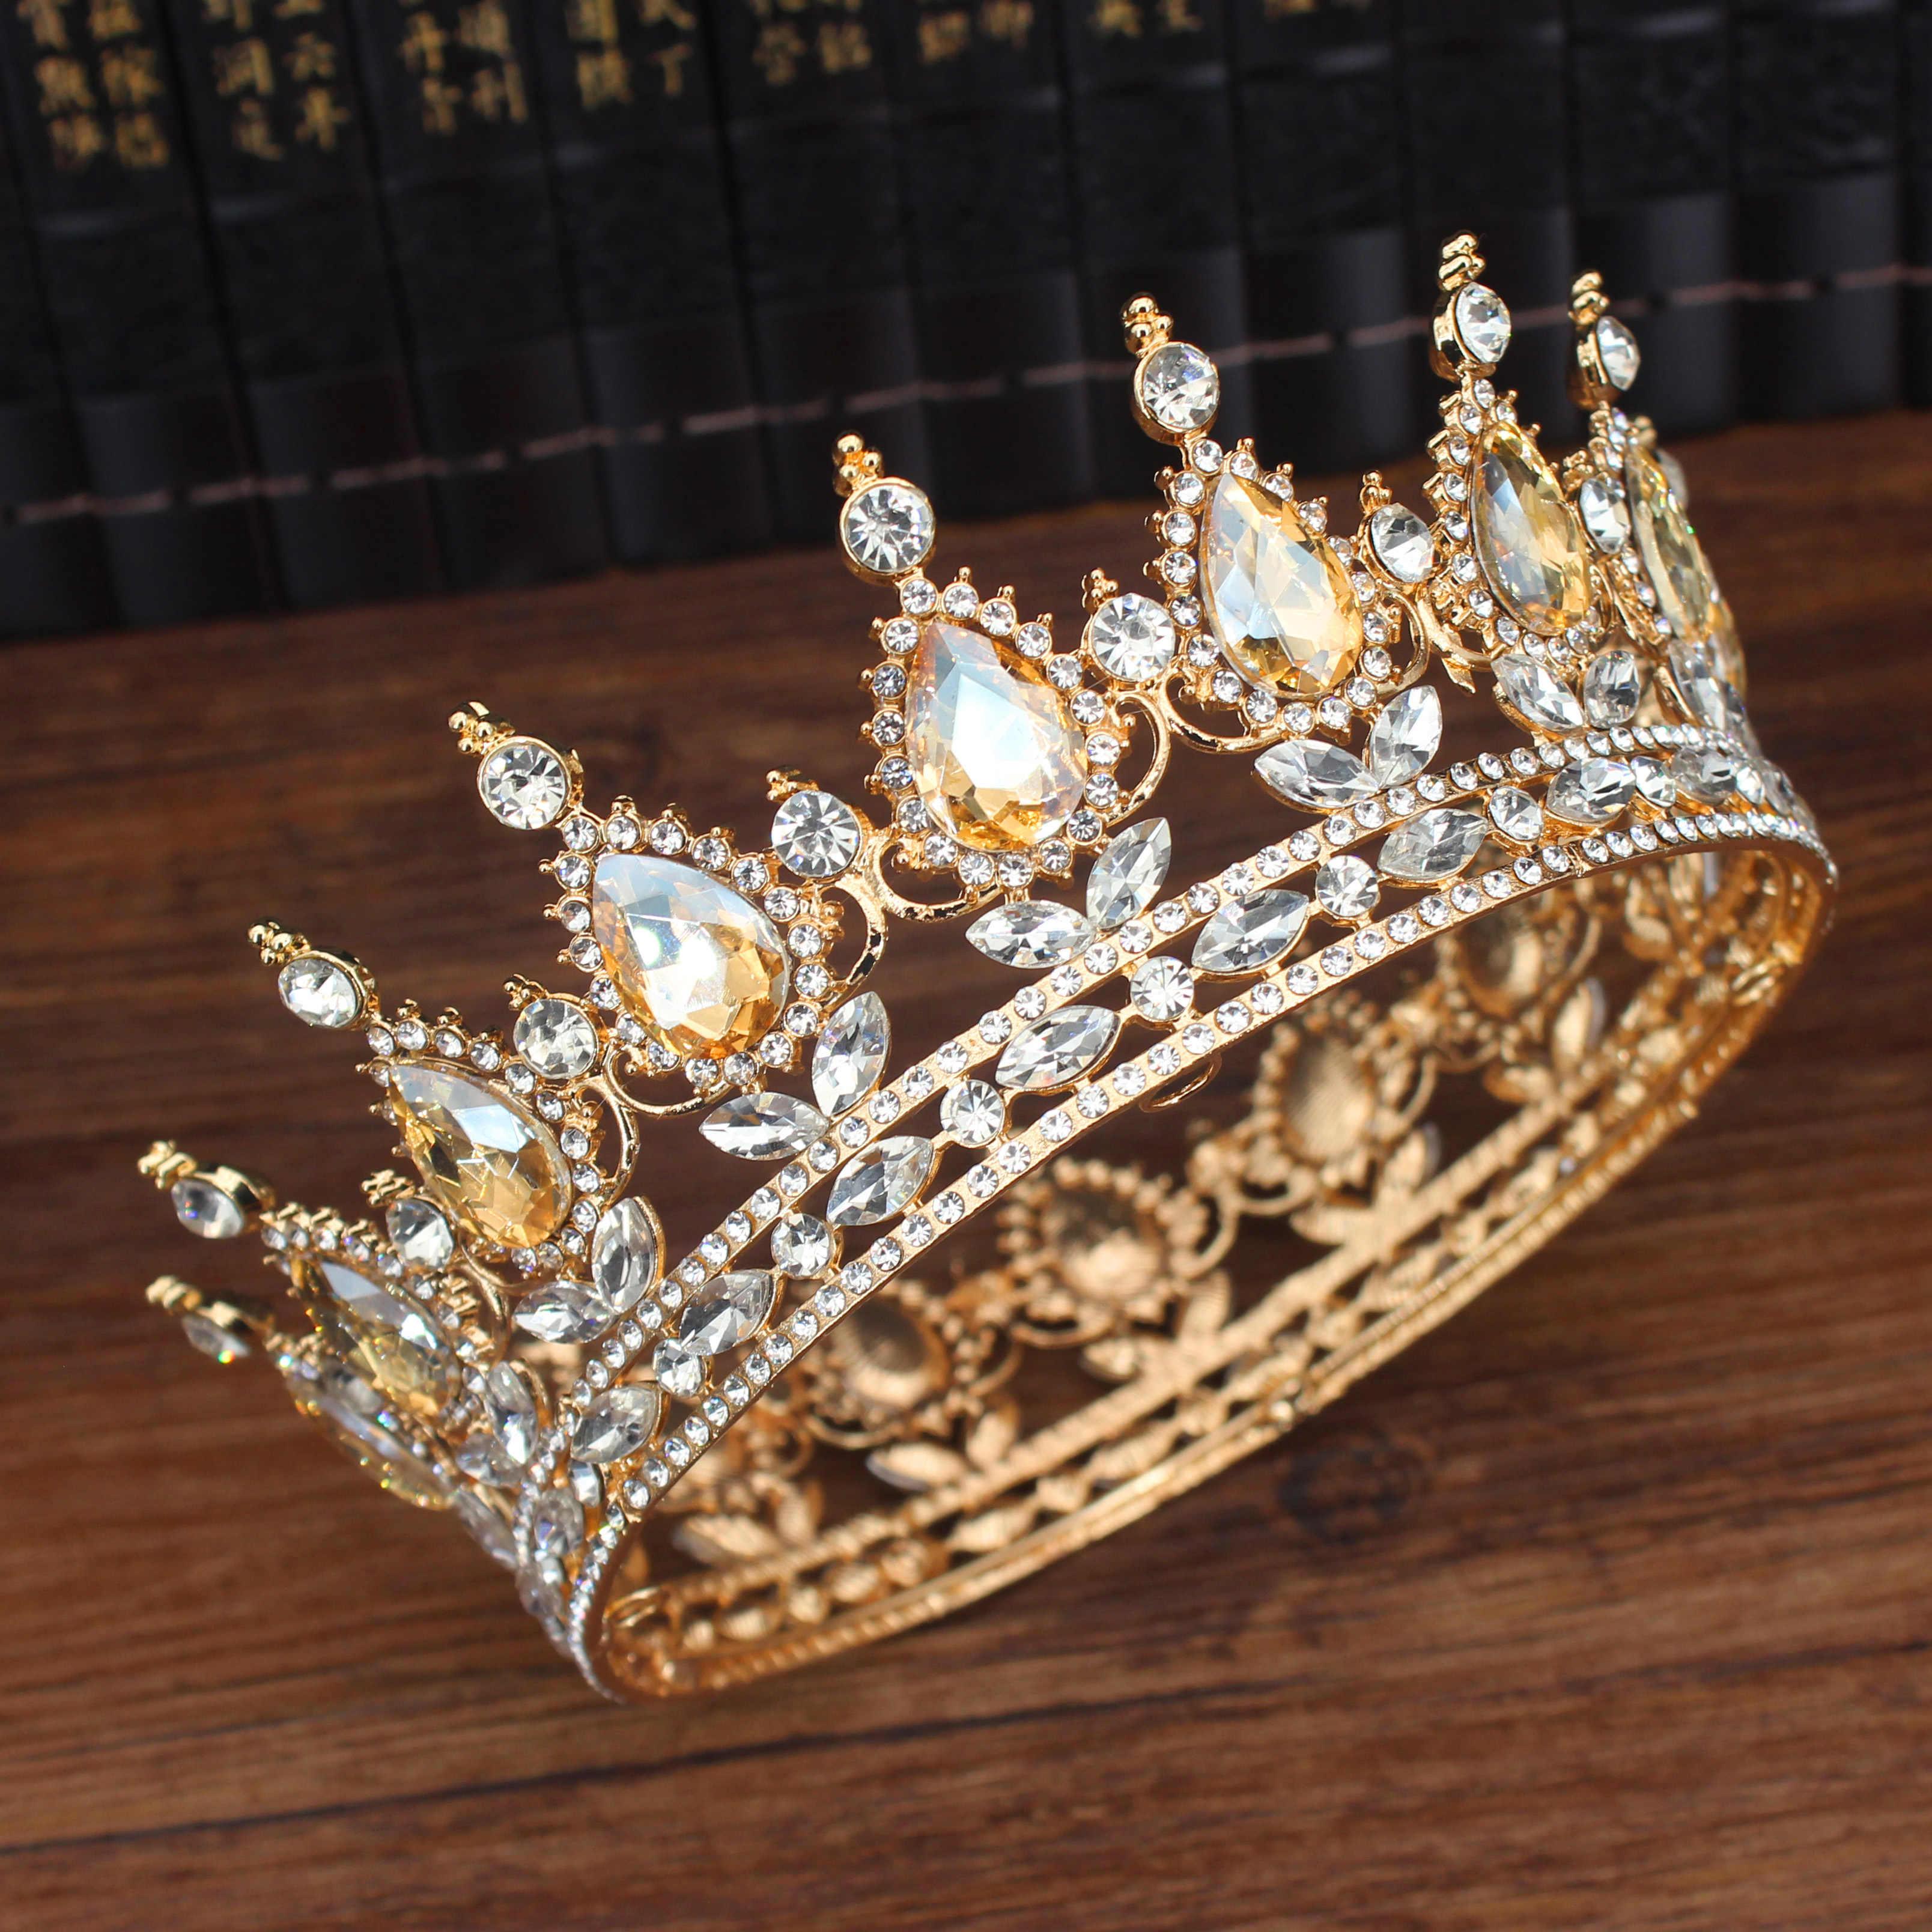 Vintage Barocco Queen Re Sposa Tiara Corona Per Le Donne Copricapo Promenade di Cerimonia Nuziale Nuziale Diademi e Corone Accessori Dei Monili Dei Capelli